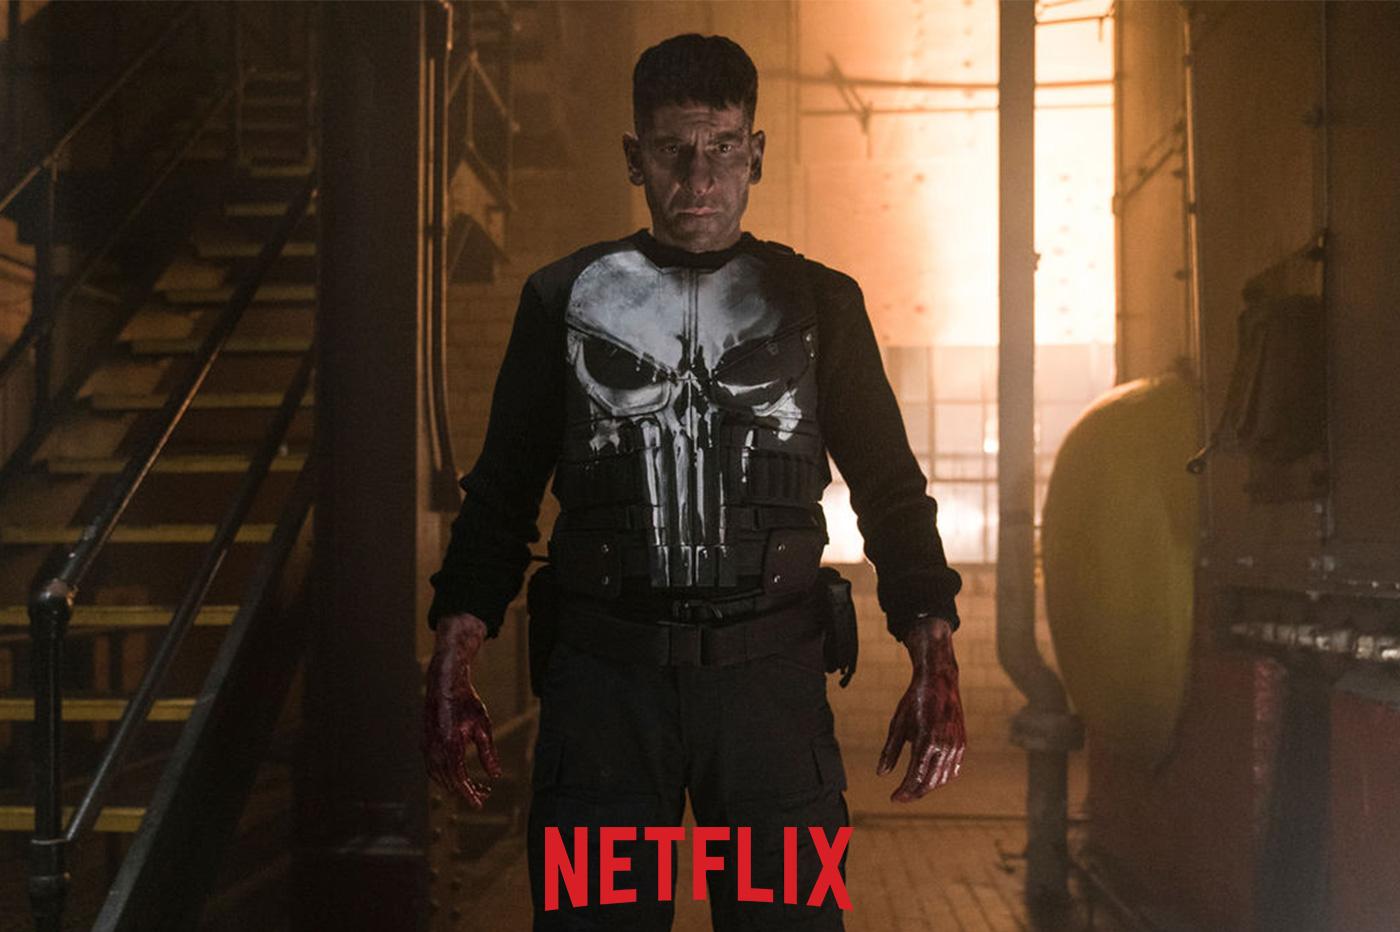 Netflix The Punisher